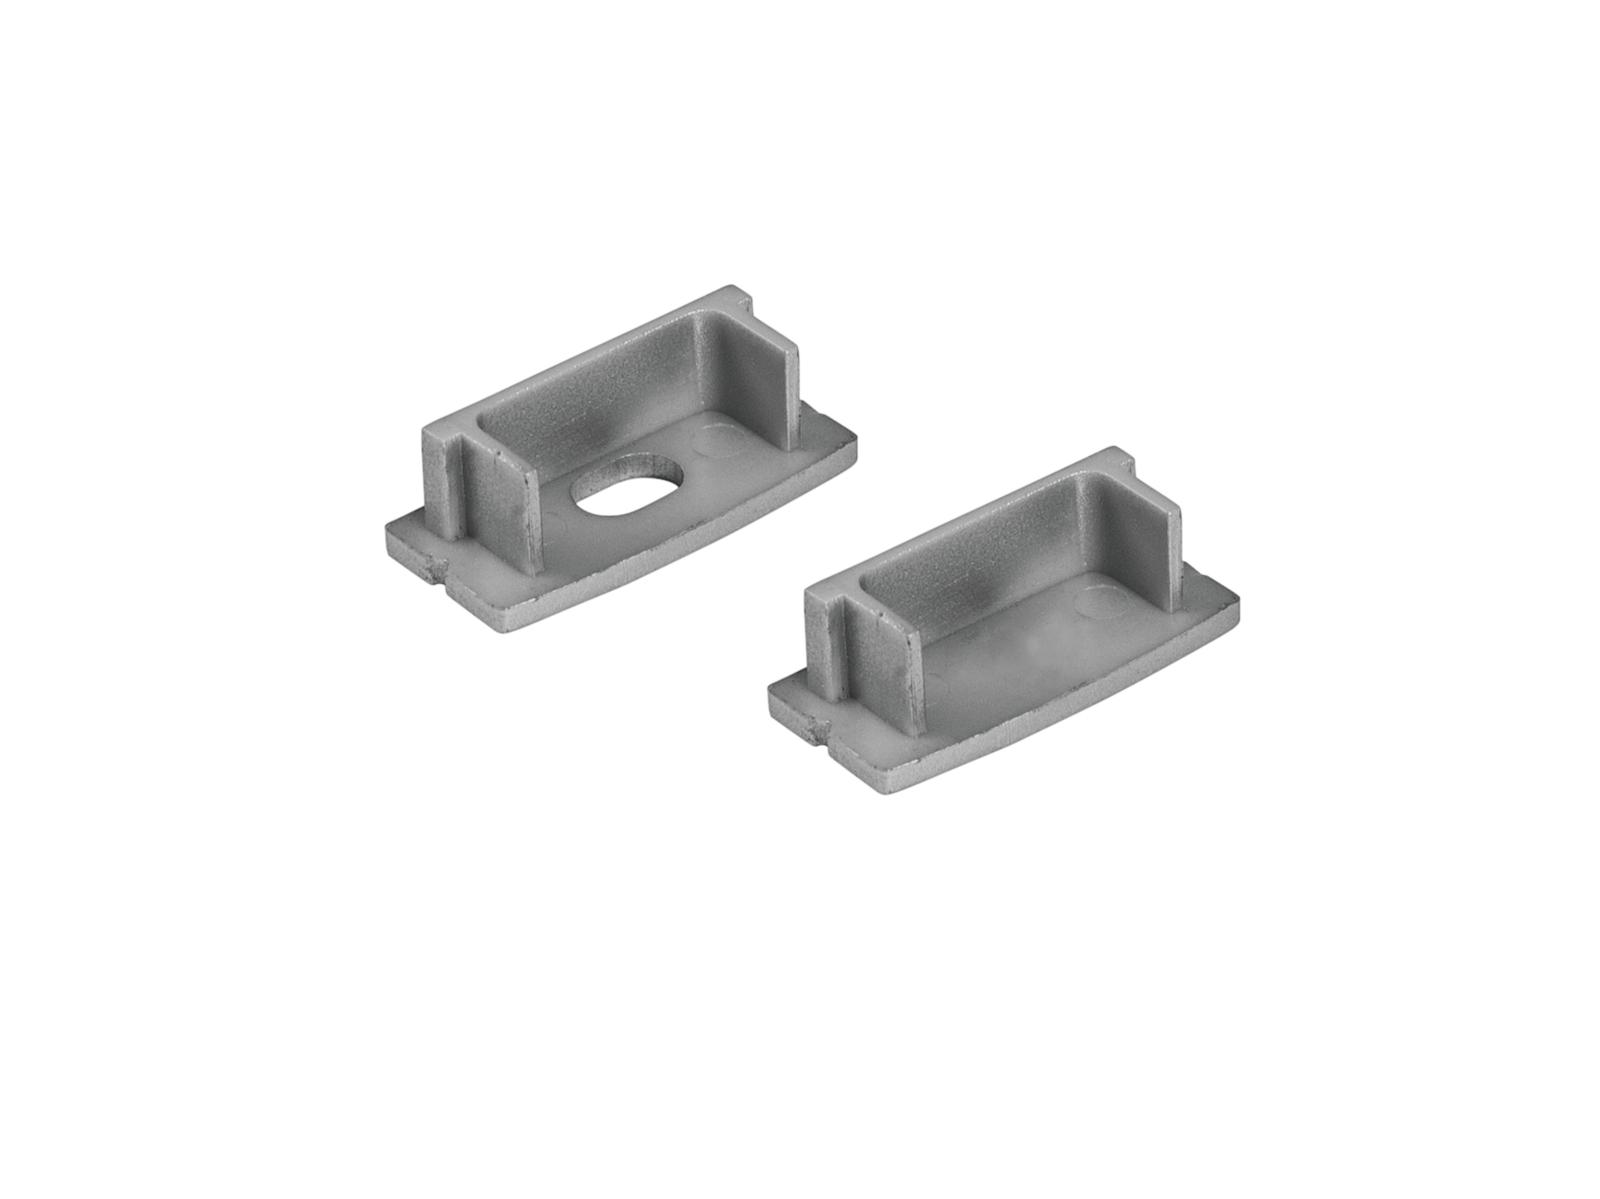 Eurolite záslepka pro U profil 20 mm pro LED pásky, stříbrná